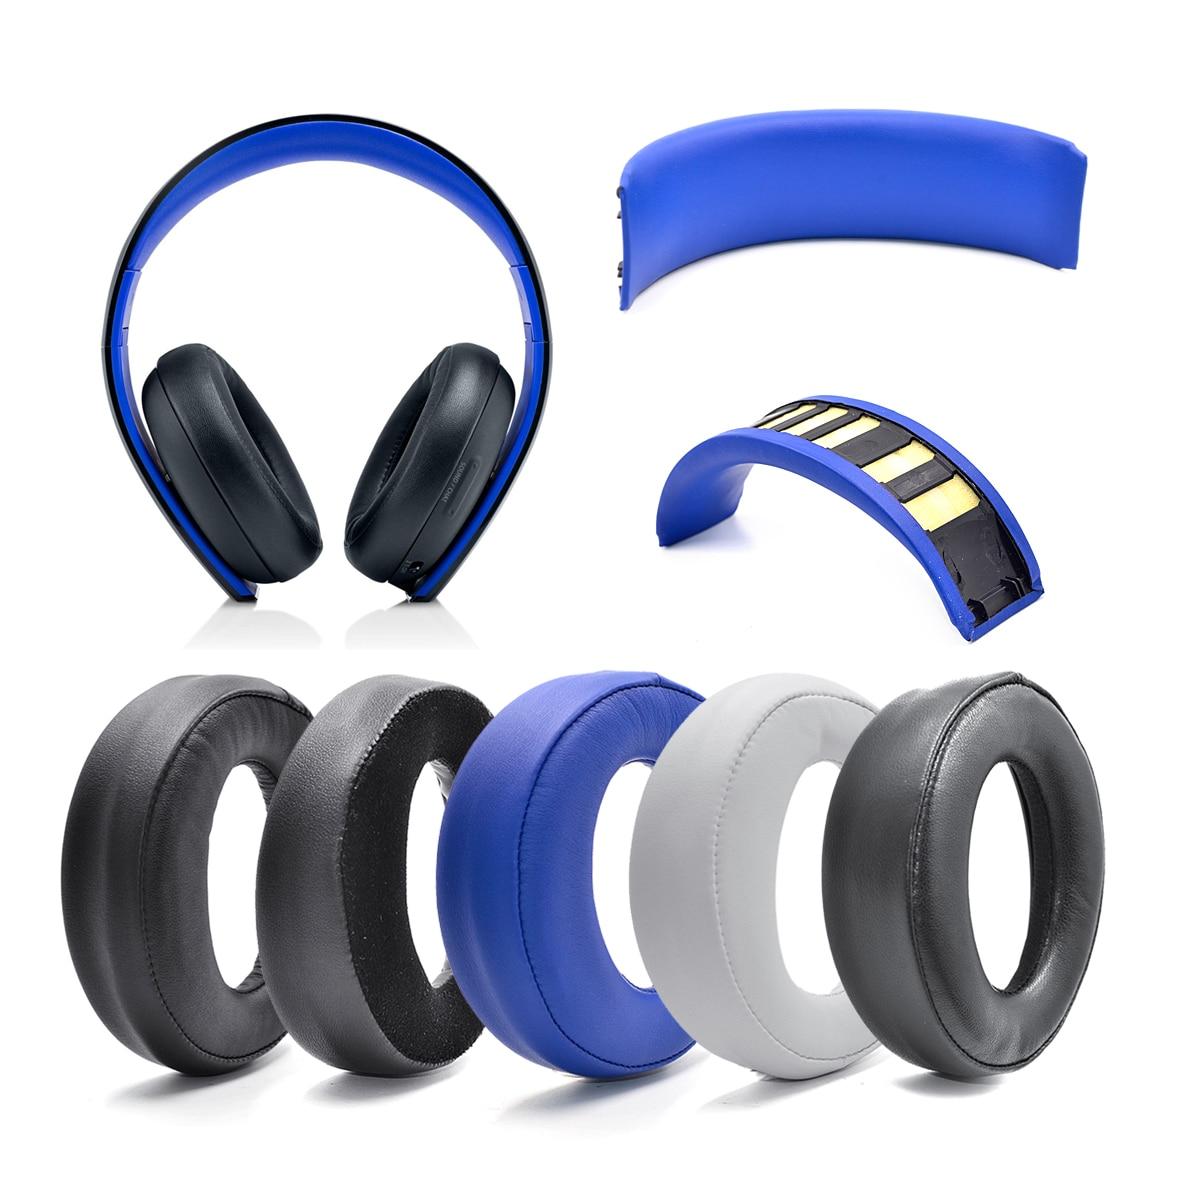 Almohadillas para los oídos, diadema de cojín, almohadillas de piel de oveja para Sony PlayStation PS3 PS4 PS oro inalámbrico CECHYA-0083 auriculares estéreo 7,1